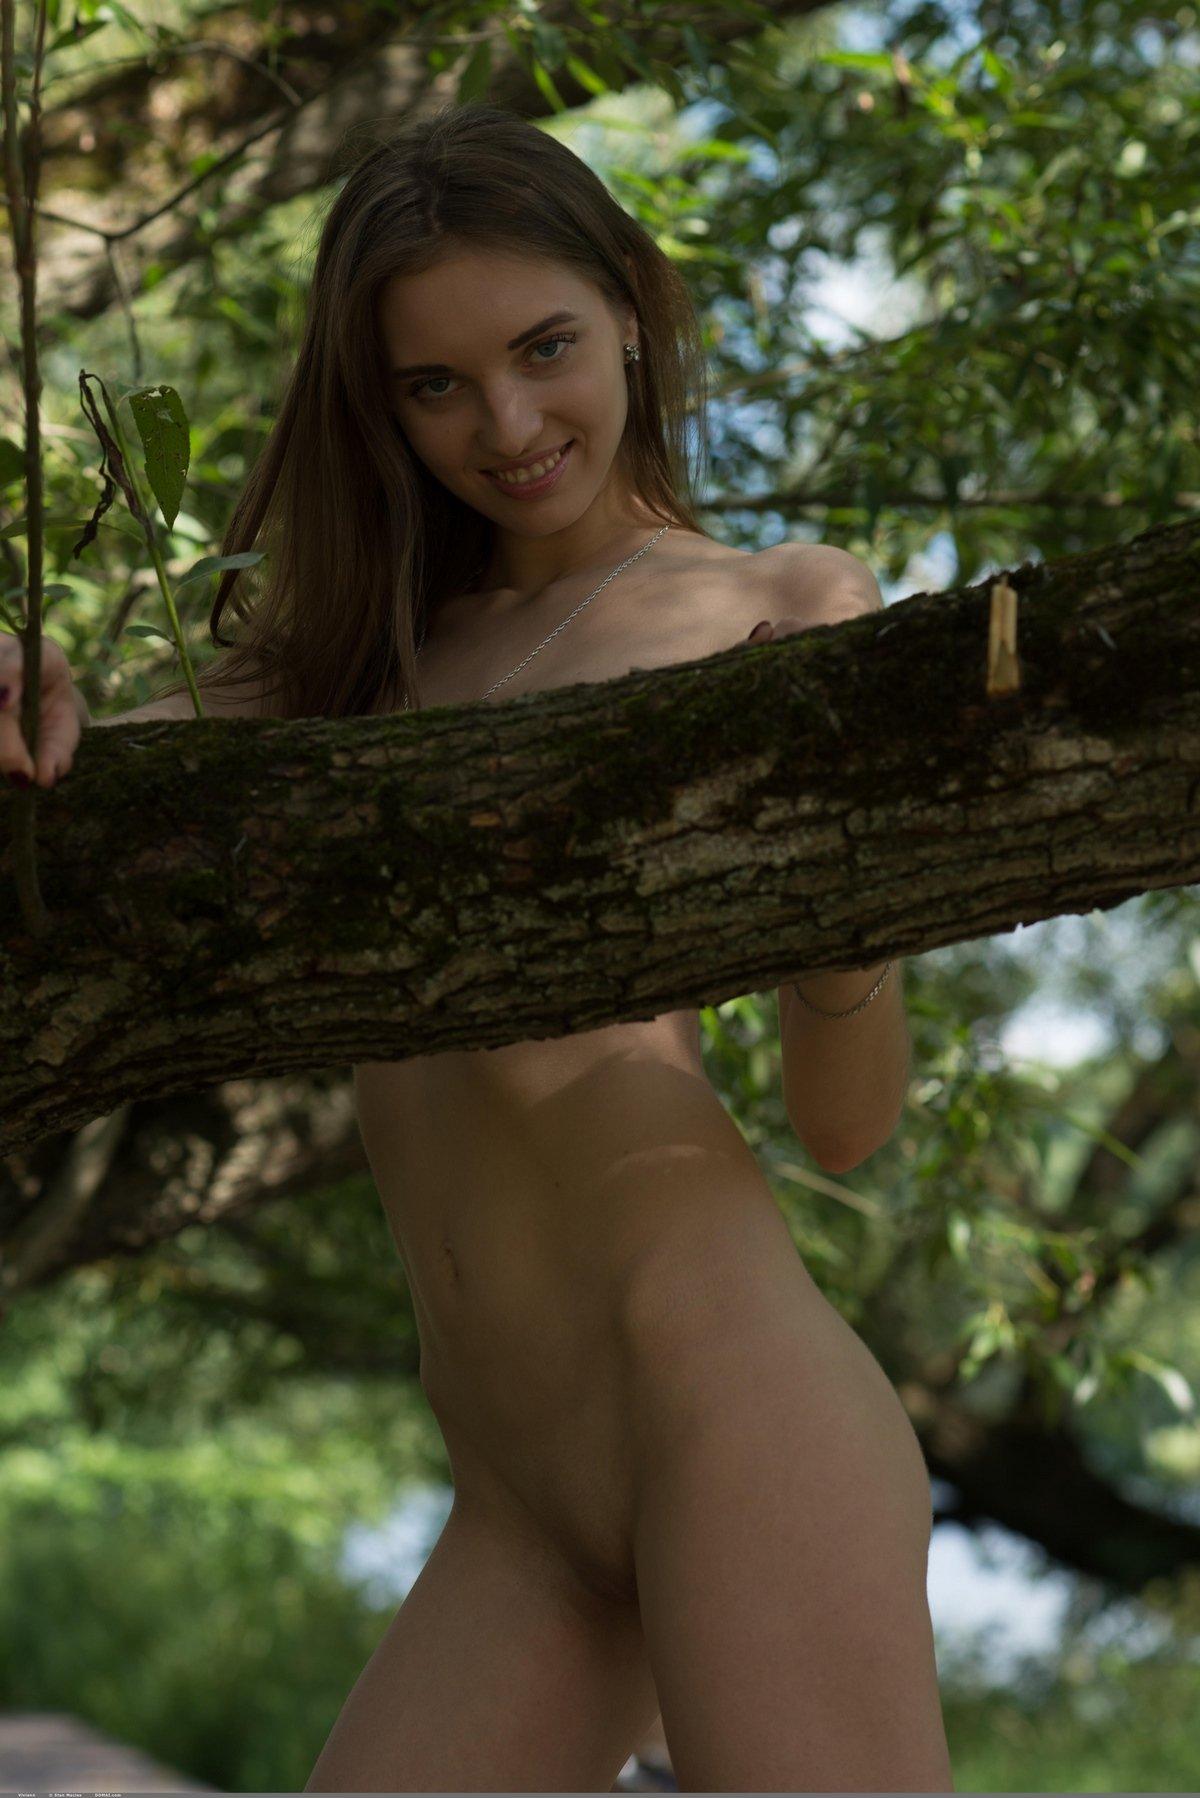 Костлявая девка супермодель обнаженная на дереве